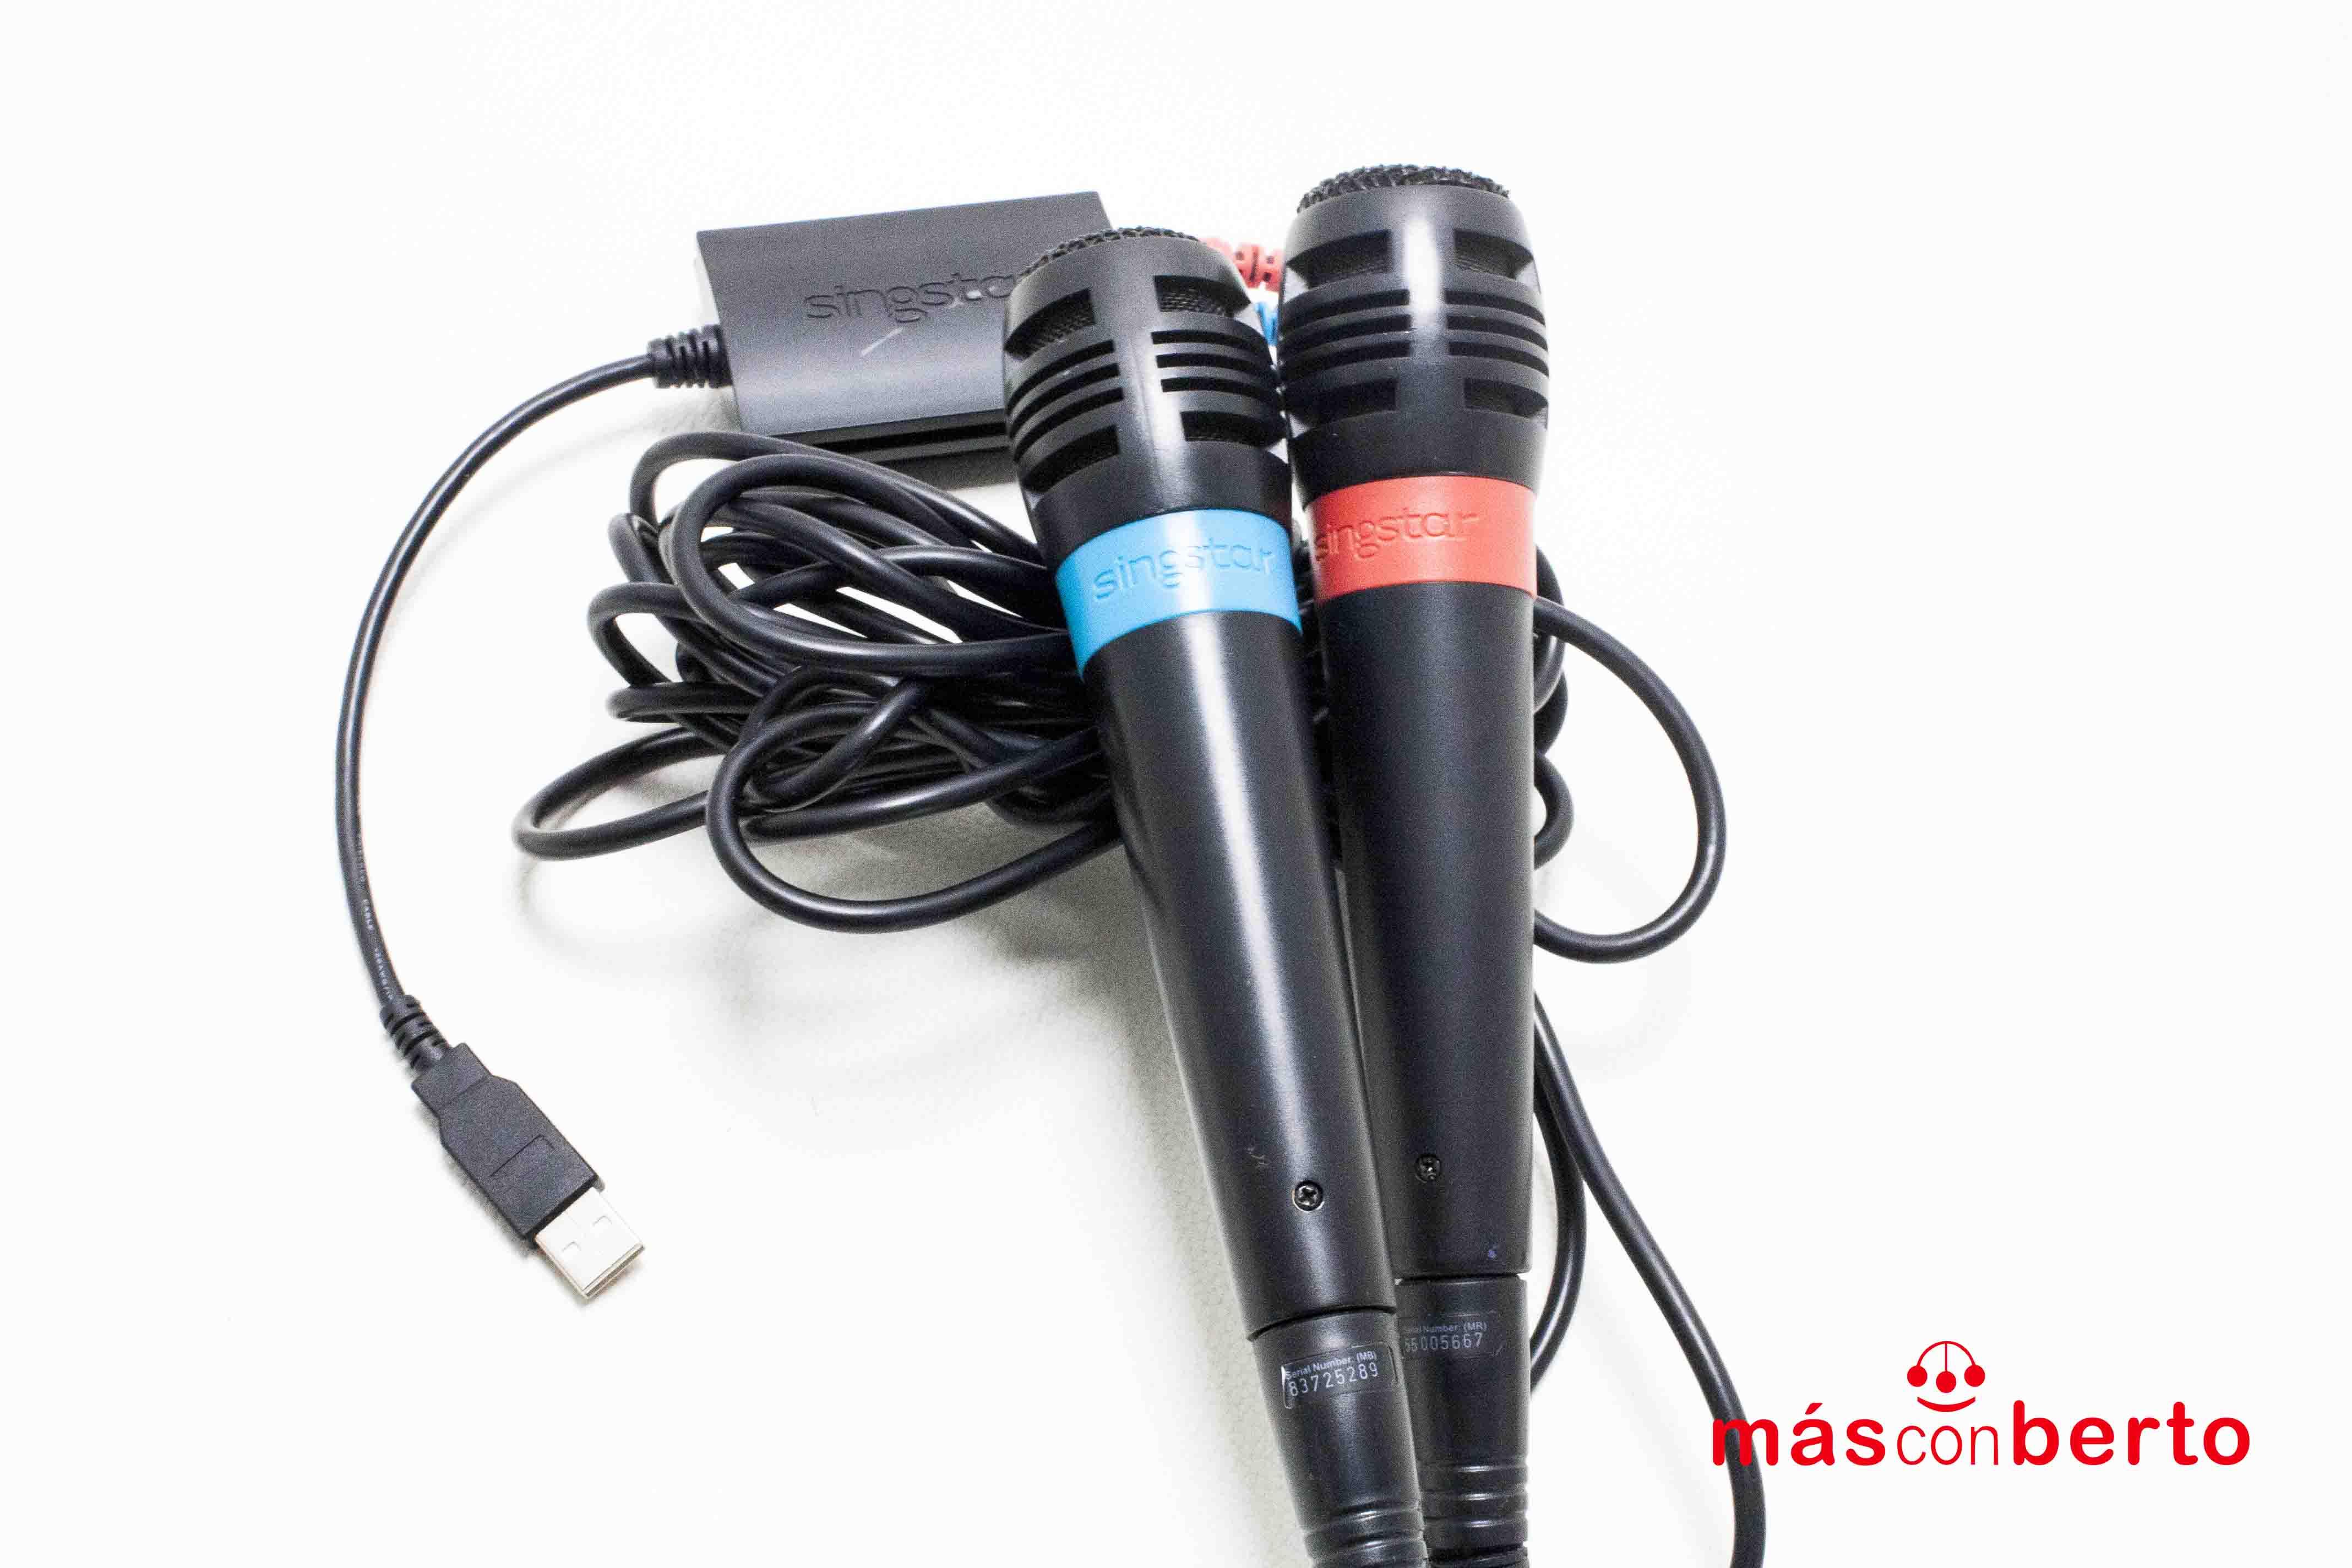 Micrófonos PS3 Singstar USB